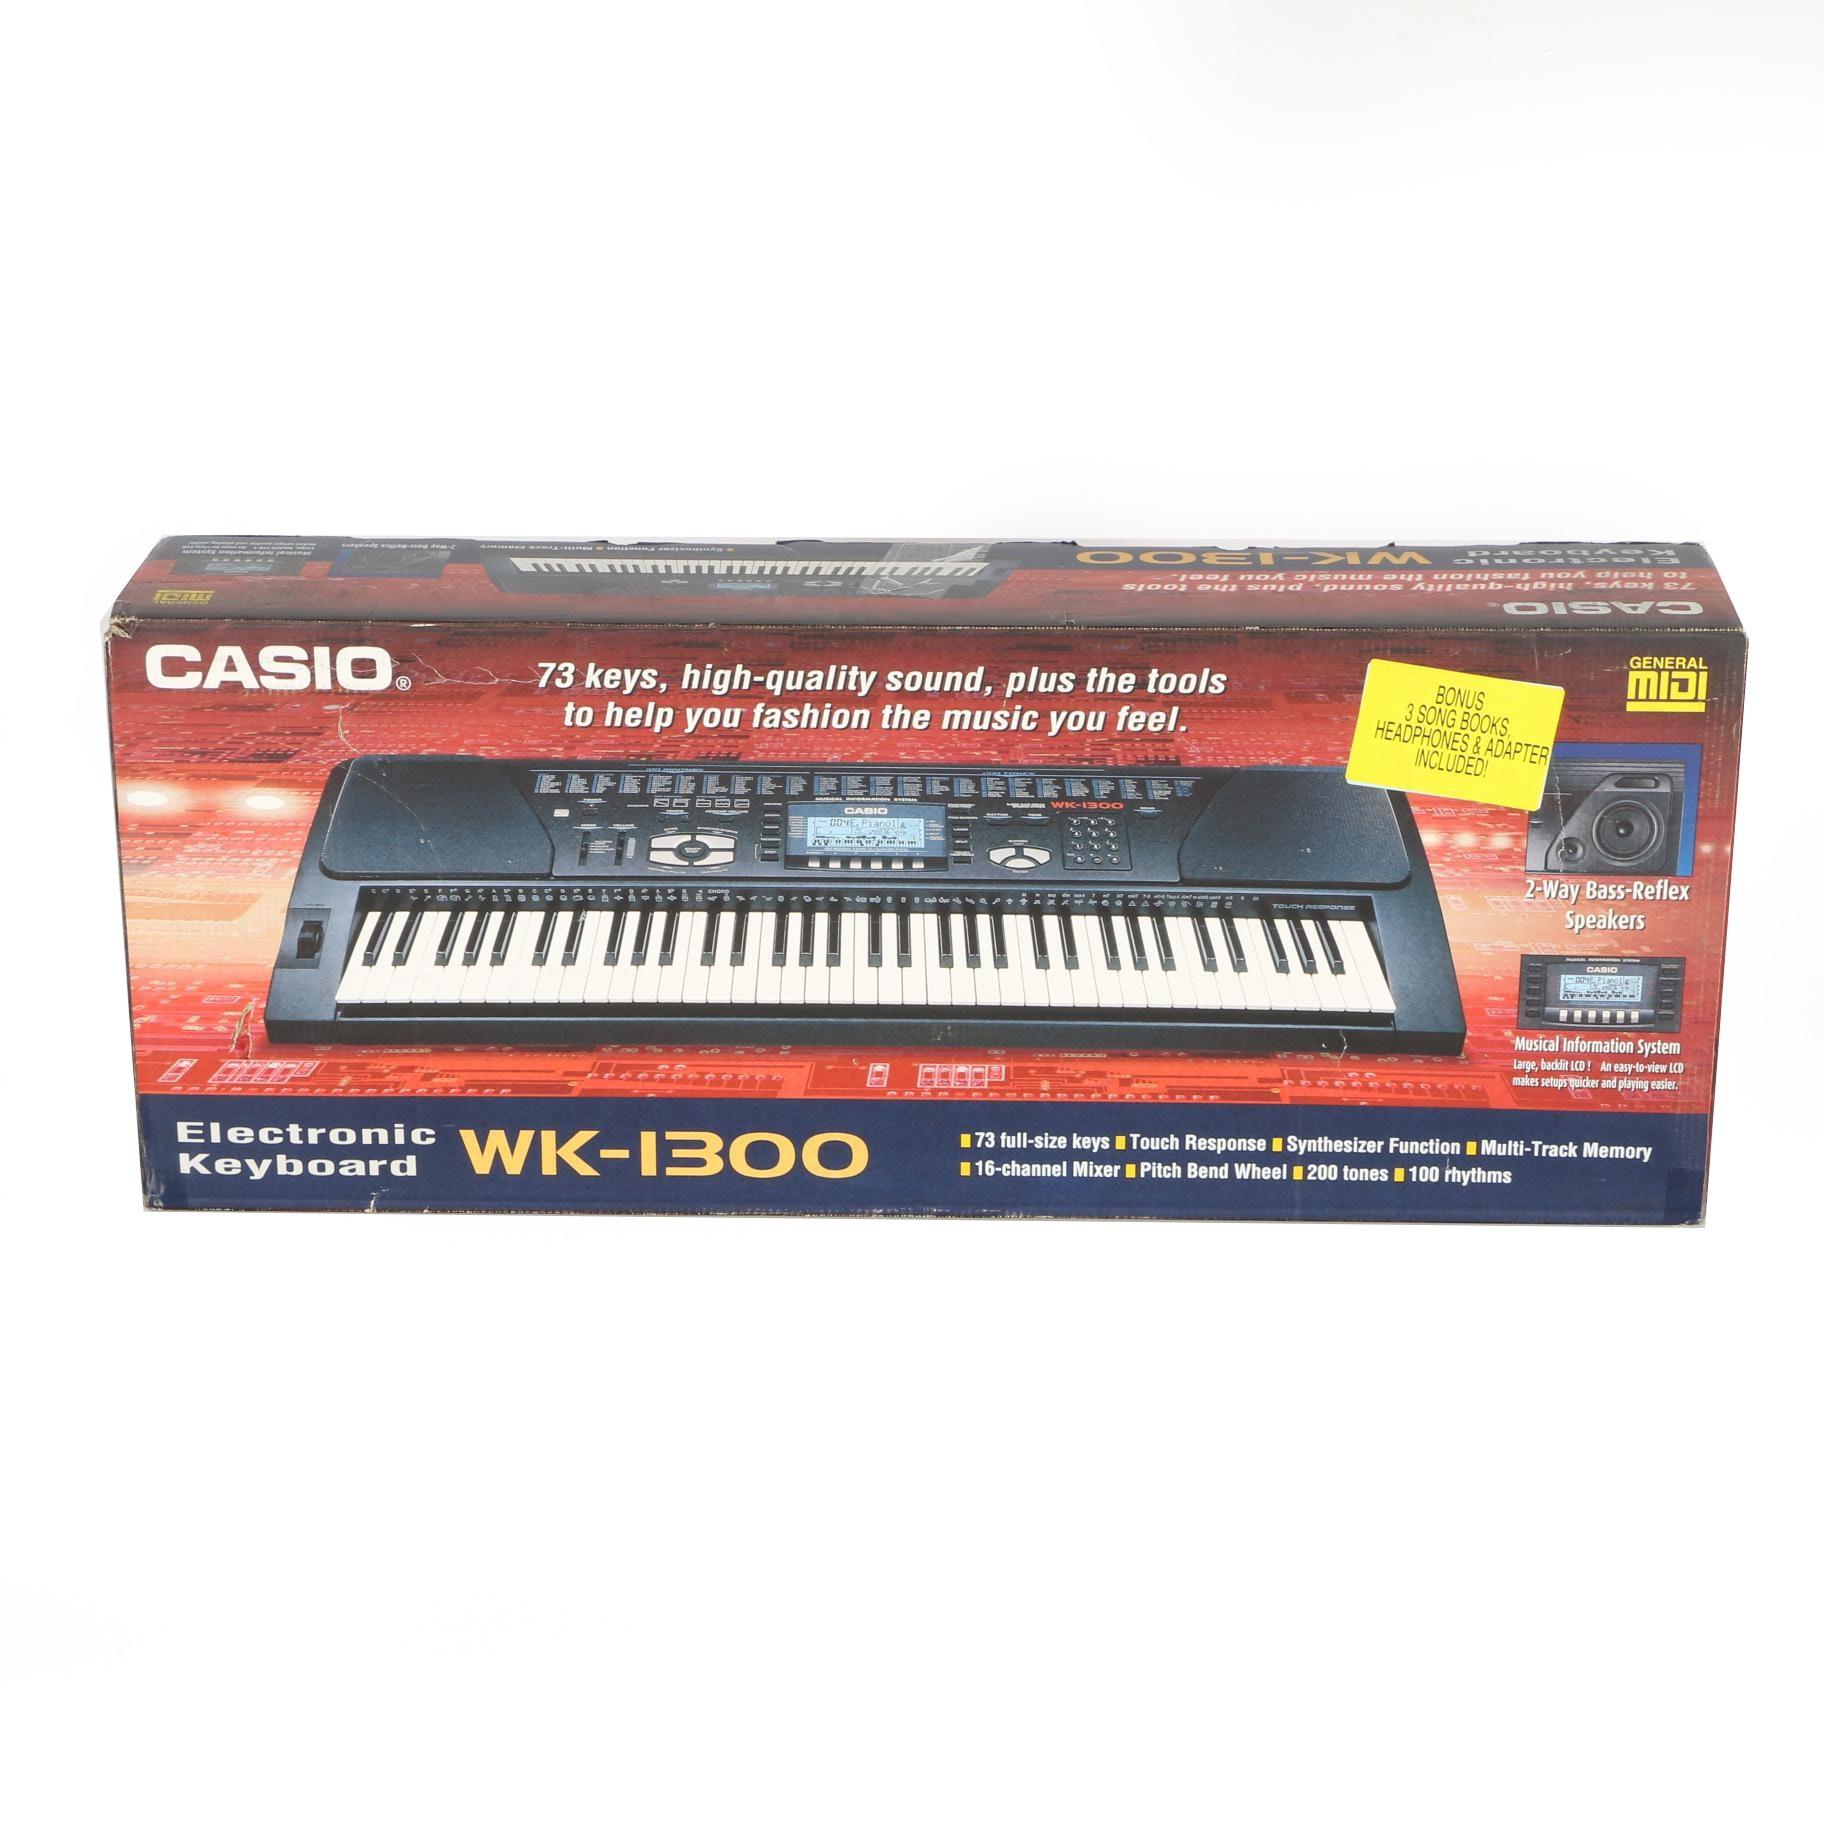 Casio WK-1300 Electronic Keyboard